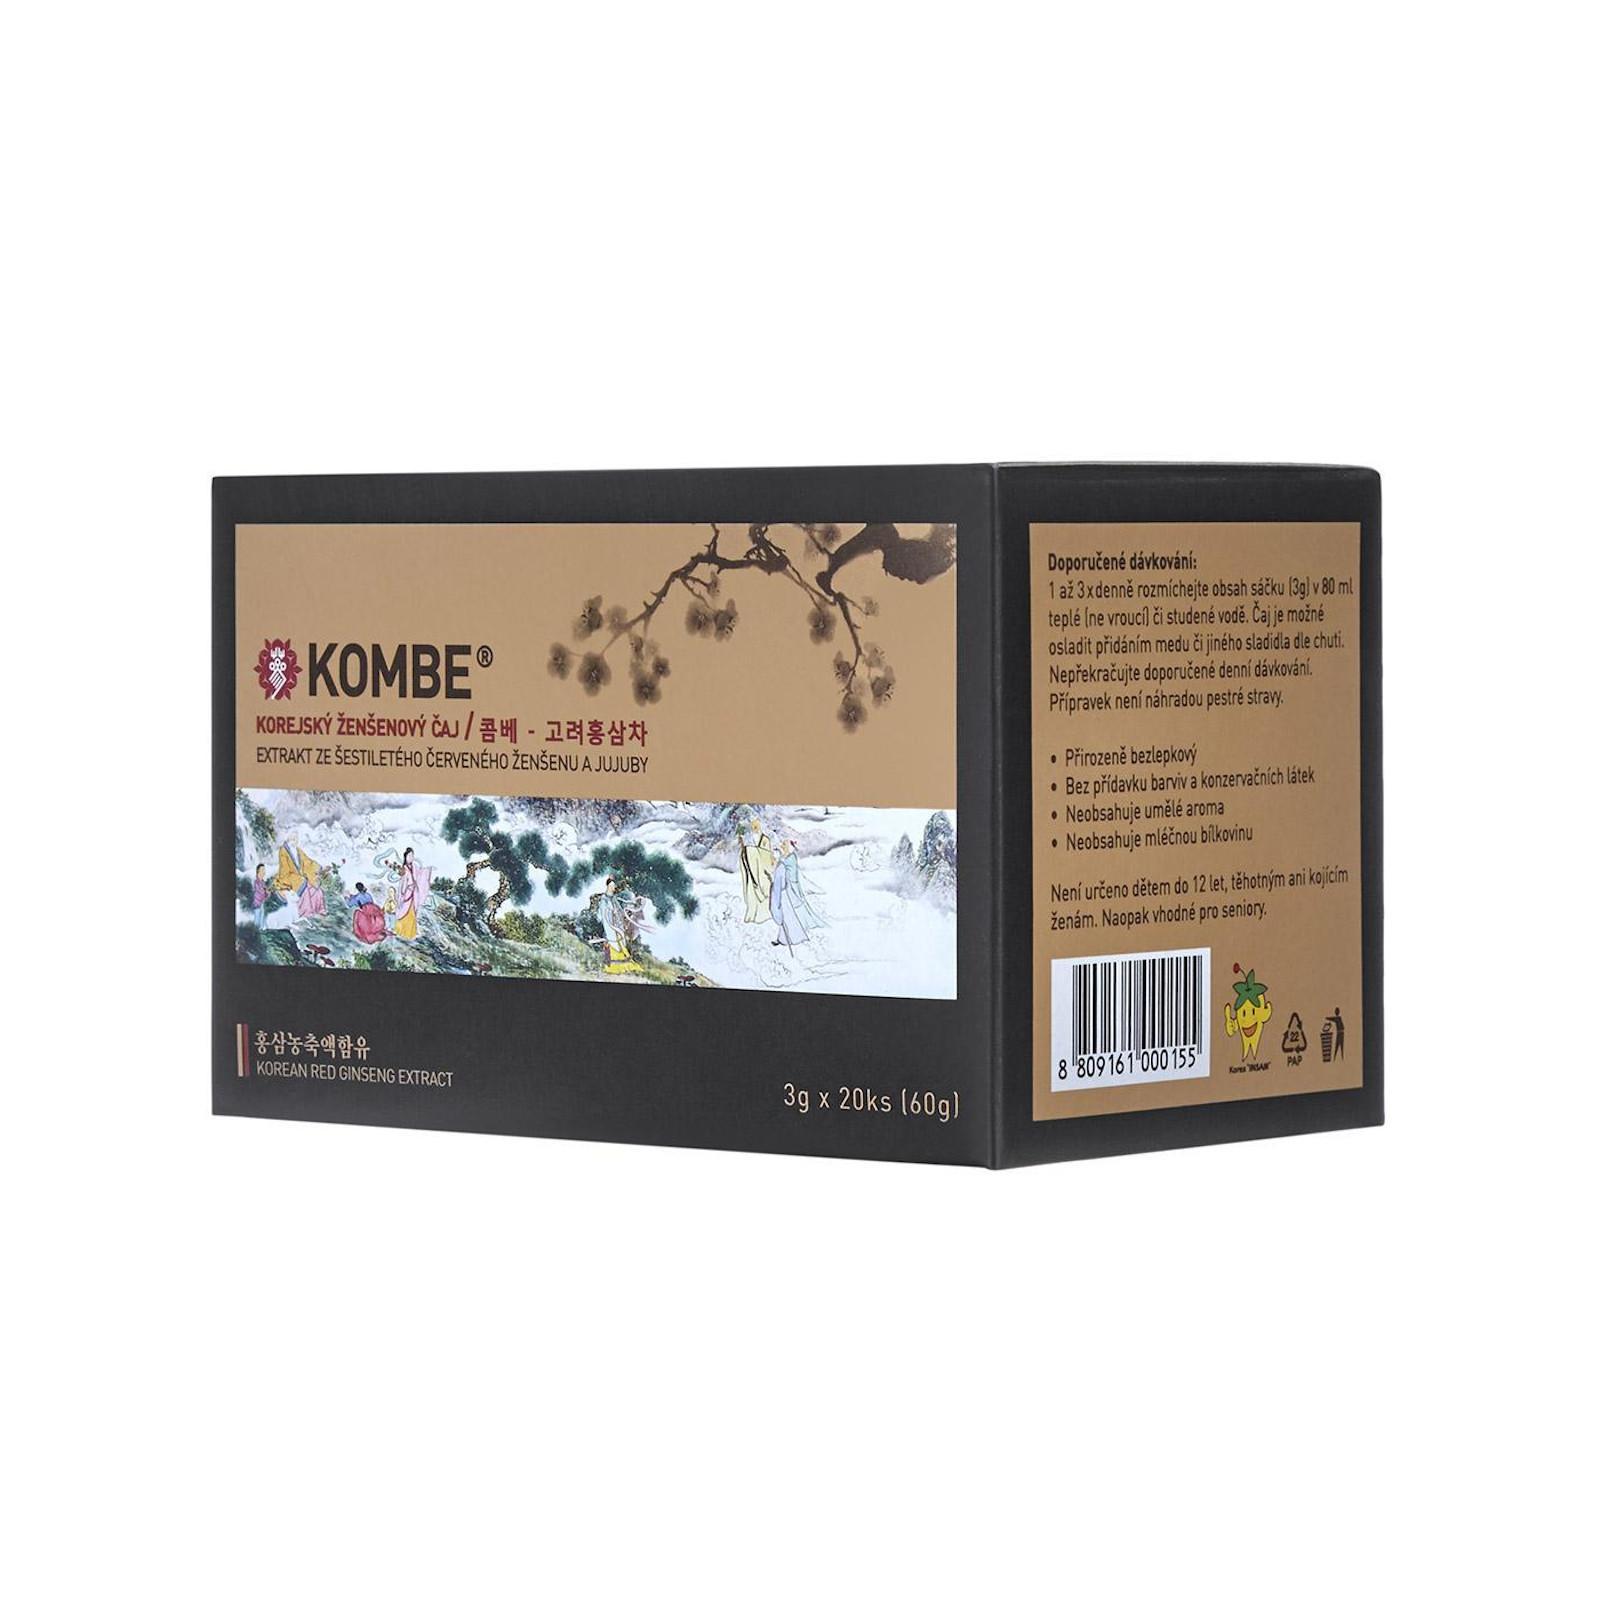 KOMBE Ženšenový čaj 3 g, 20 ks